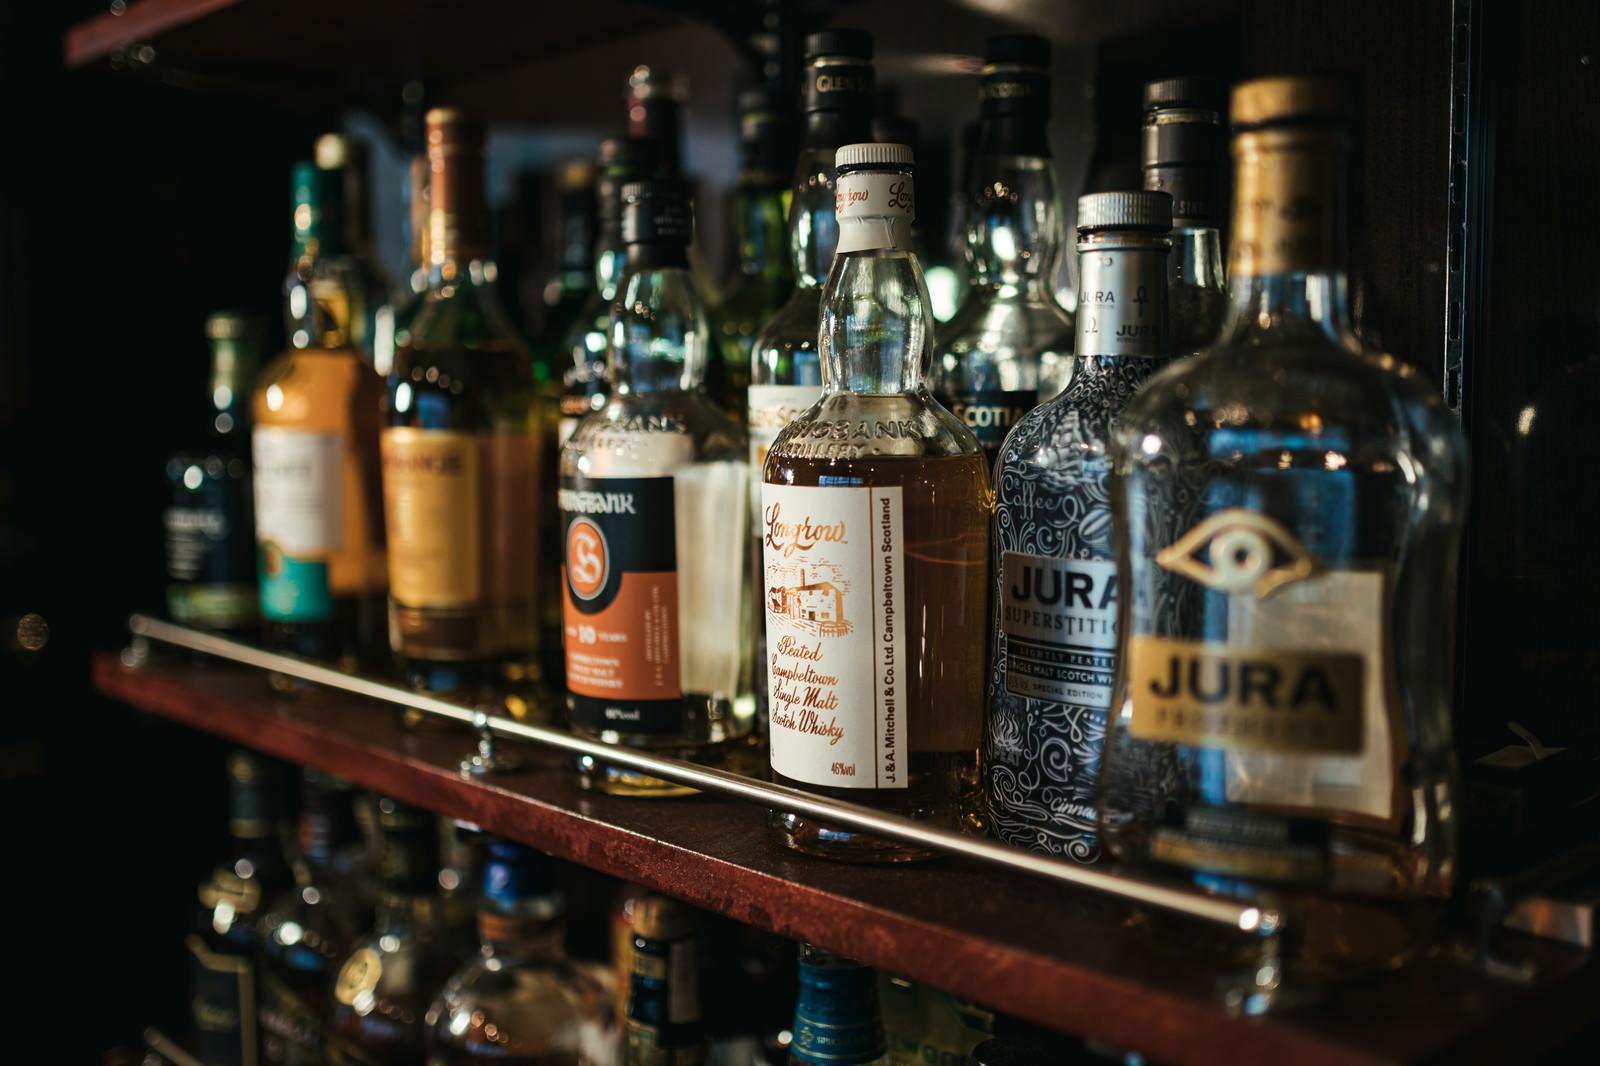 「バー店内の酒棚に並んだウイスキー」の写真